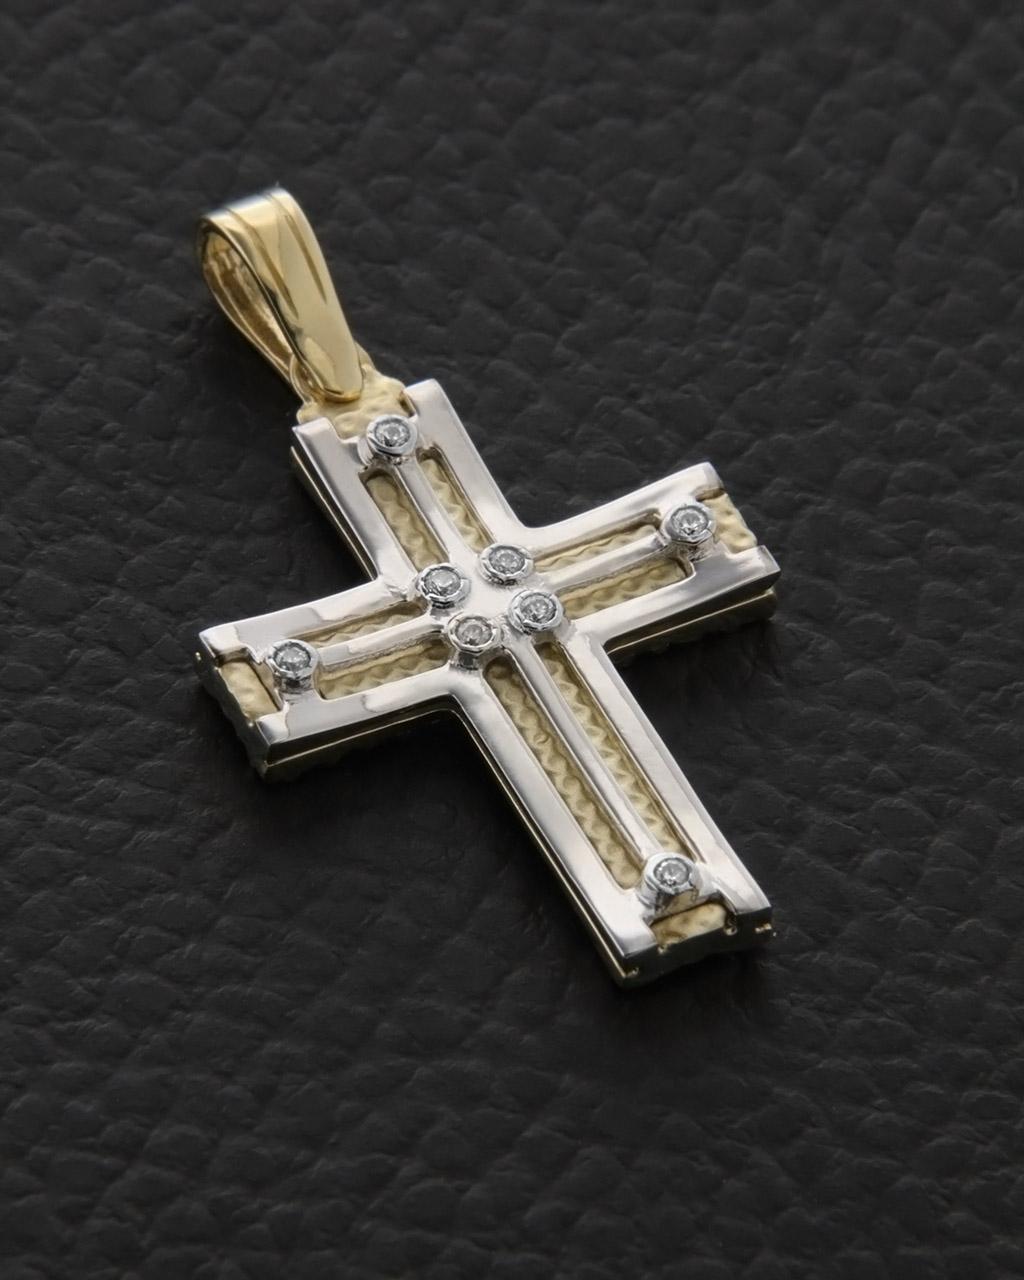 Σταυρός βάπτισης χρυσός & λευκόχρυσος Κ14 με Ζιργκόν δύο όψεων   γυναικα σταυροί σταυροί χρυσοί